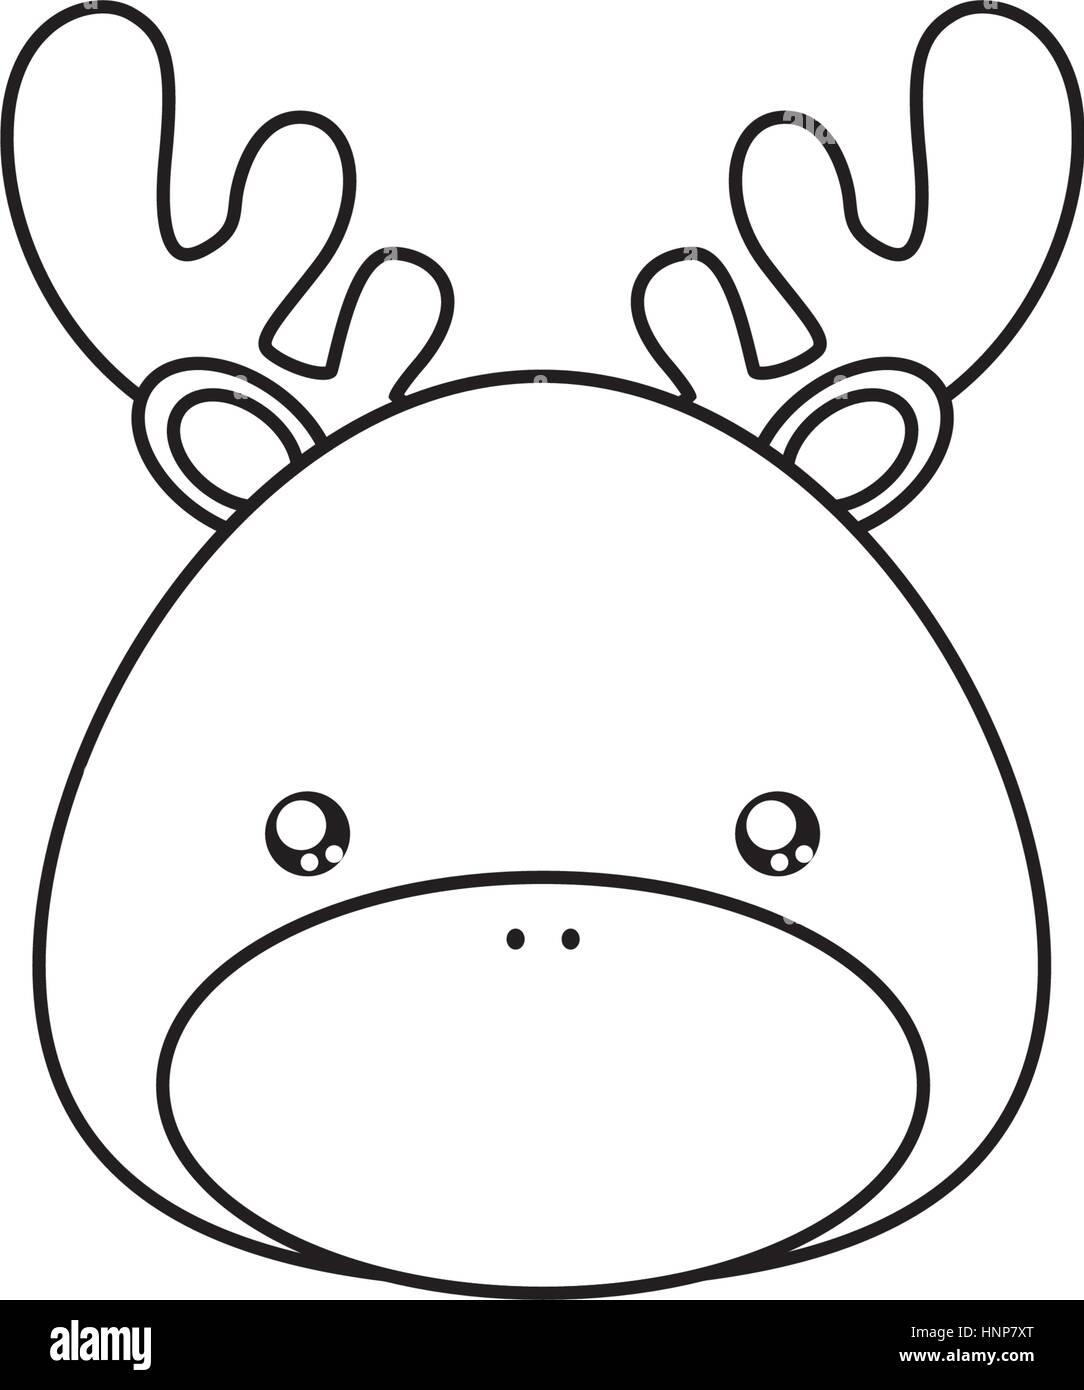 Face Dessin Cerf Vecteurs Et Illustration Image Vectorielle